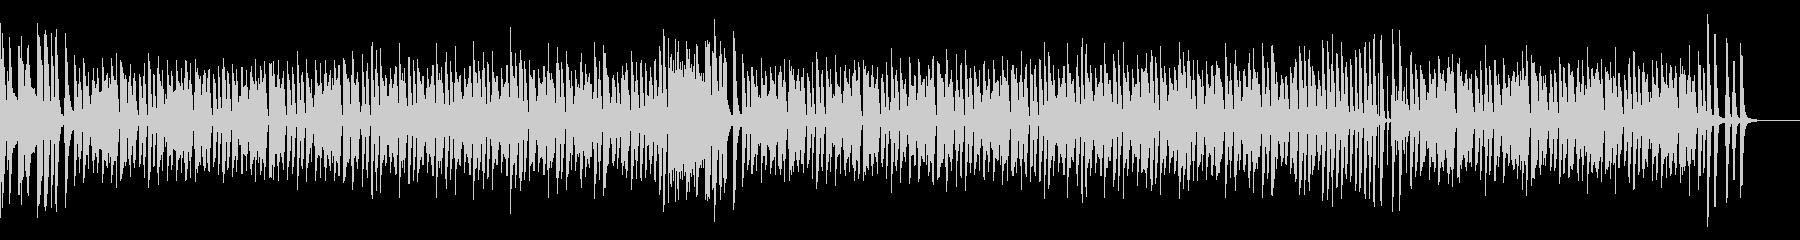 ほのぼのチャレンジ(ピアノ&カウベル)の未再生の波形